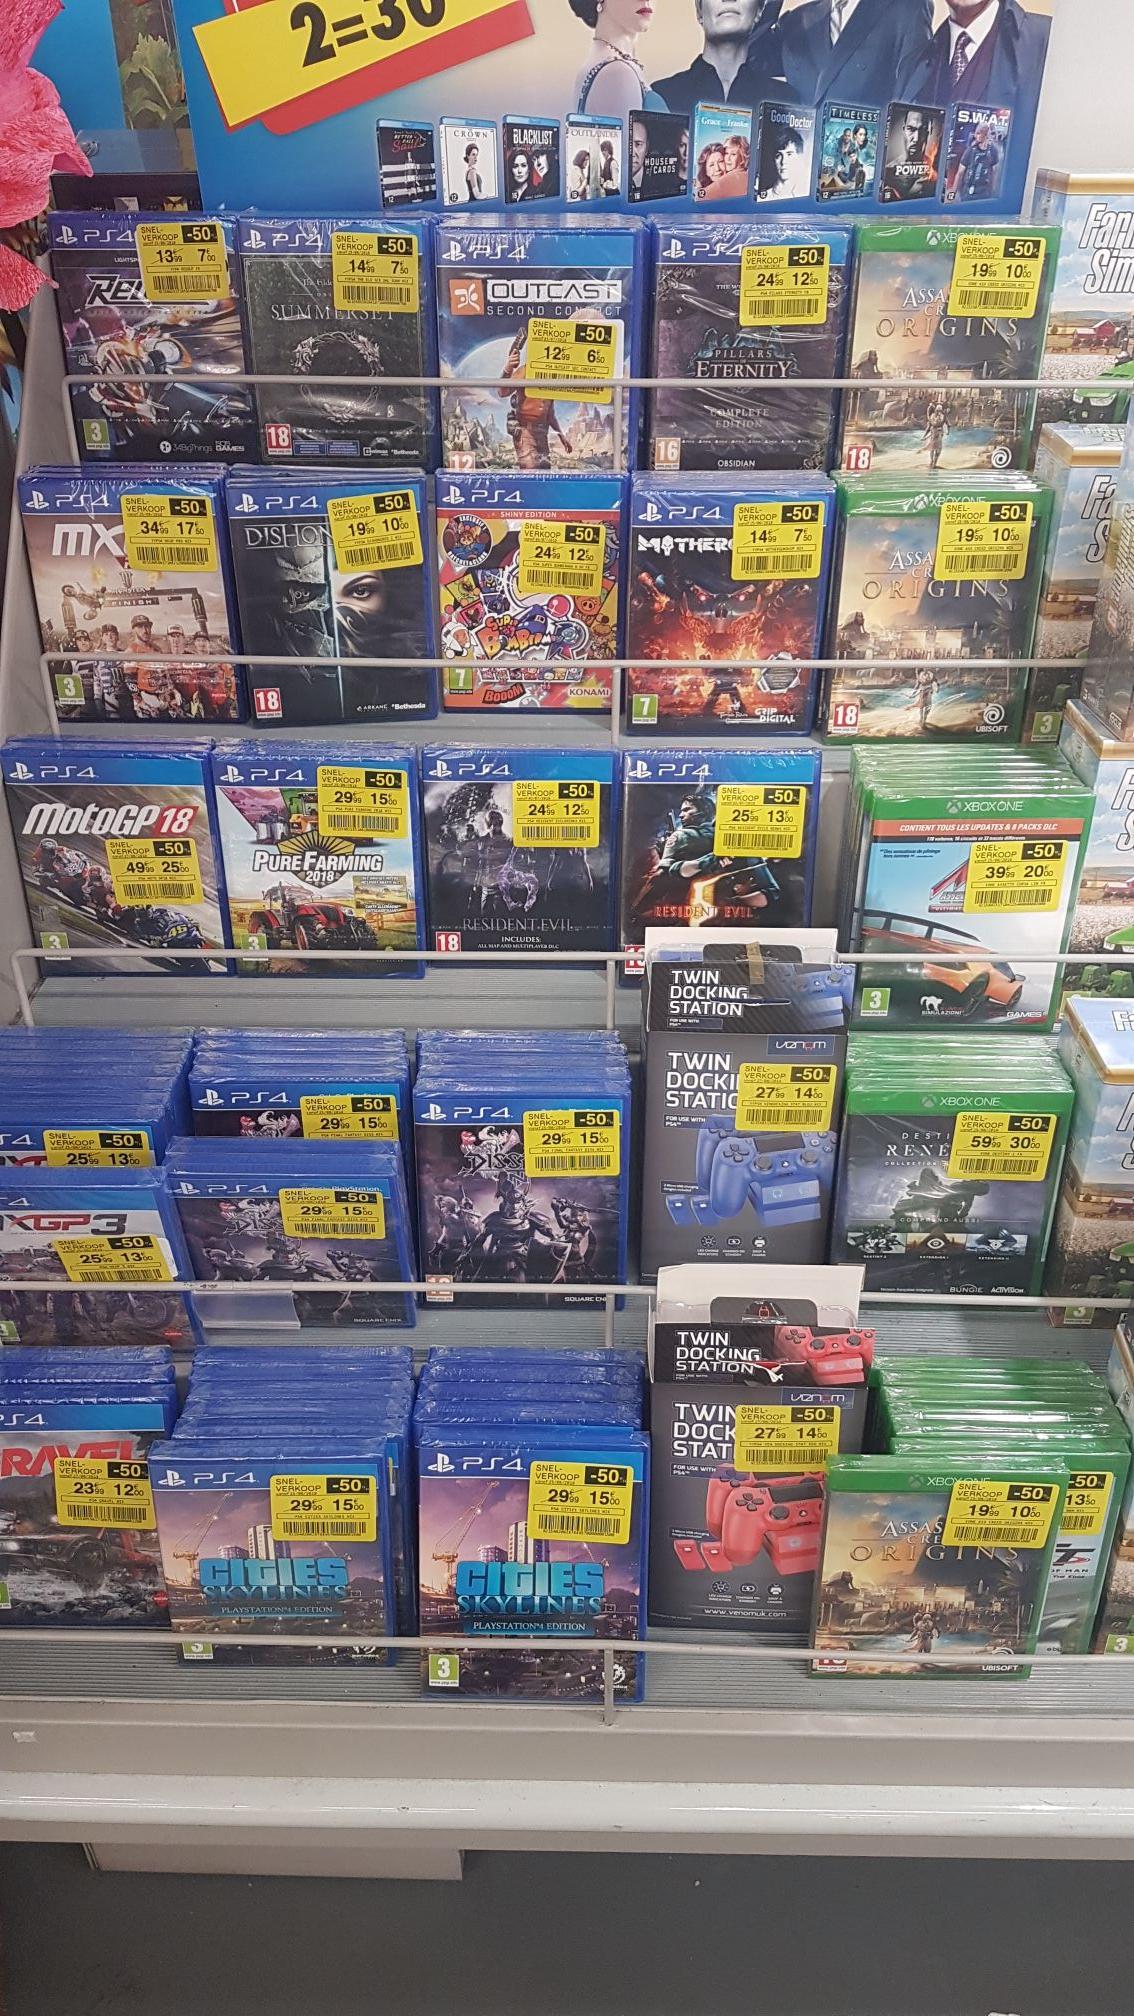 Sélection de Jeux PS4 & Xbox One en promotion - Ex: Assassin's Creed Origin sur Xbox One - Drogenbos (Frontaliers Belgique)